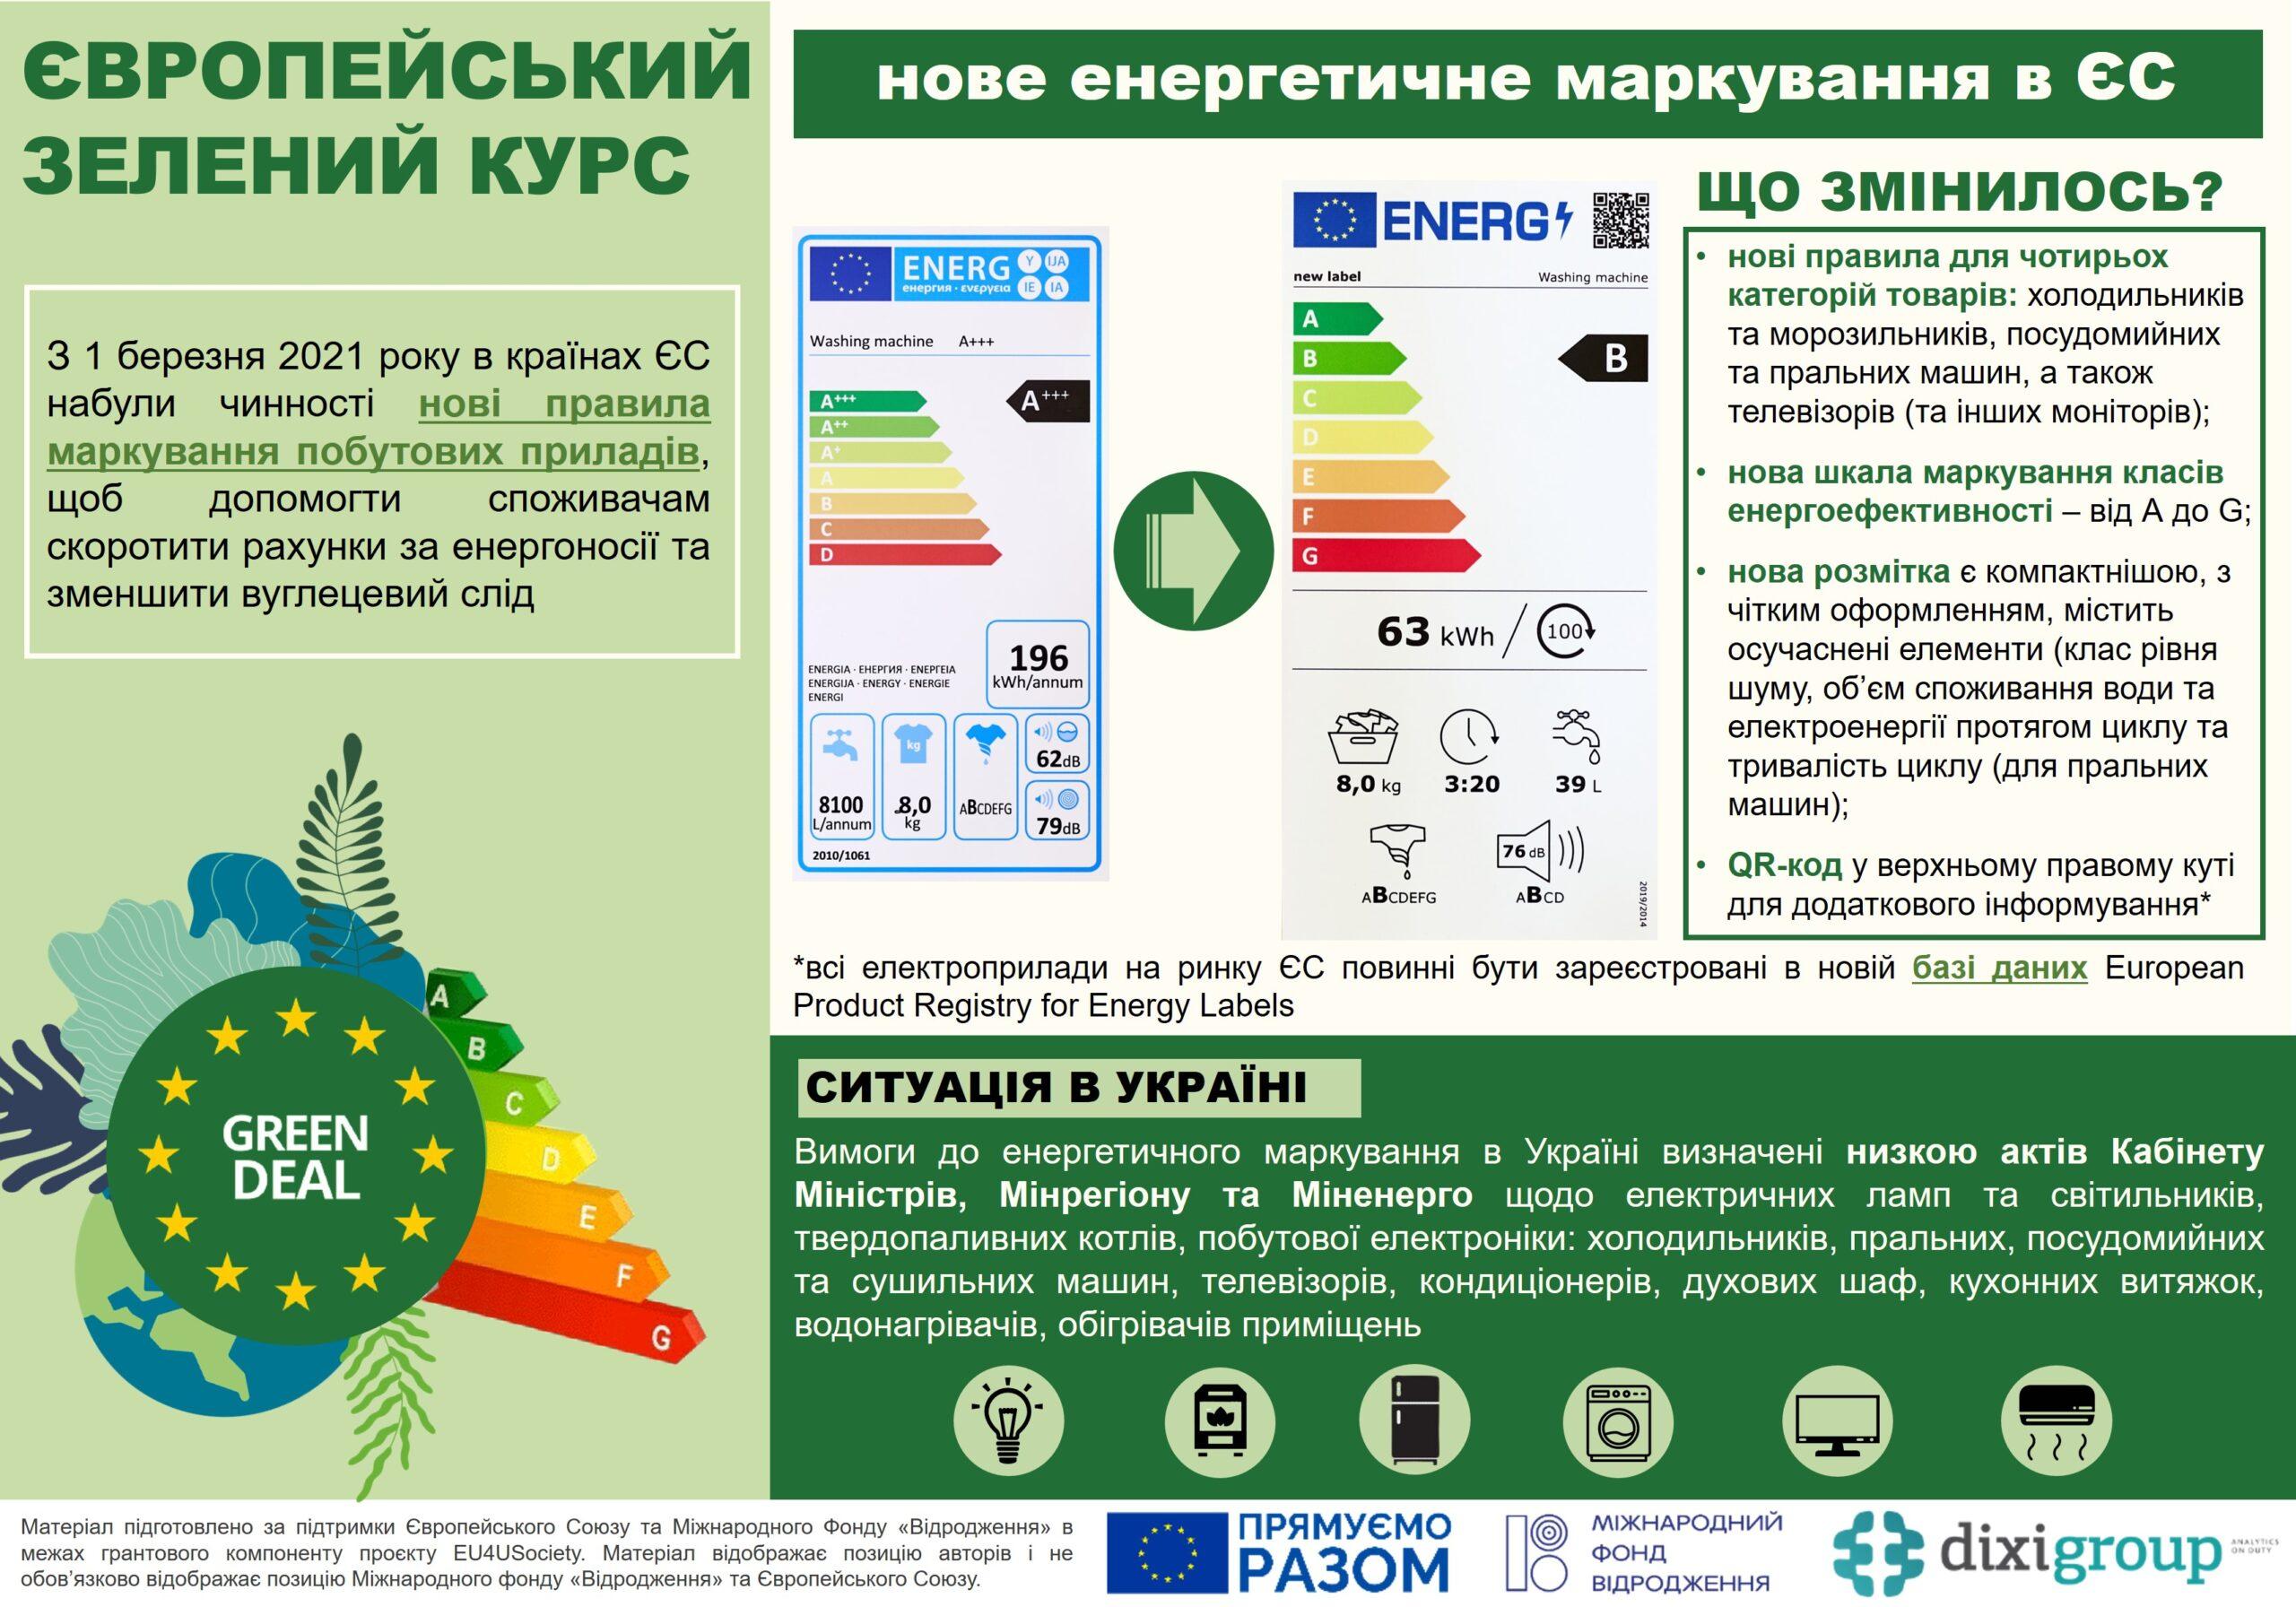 ЄЗК: нове енергетичне маркування в ЄС (інфографіка)